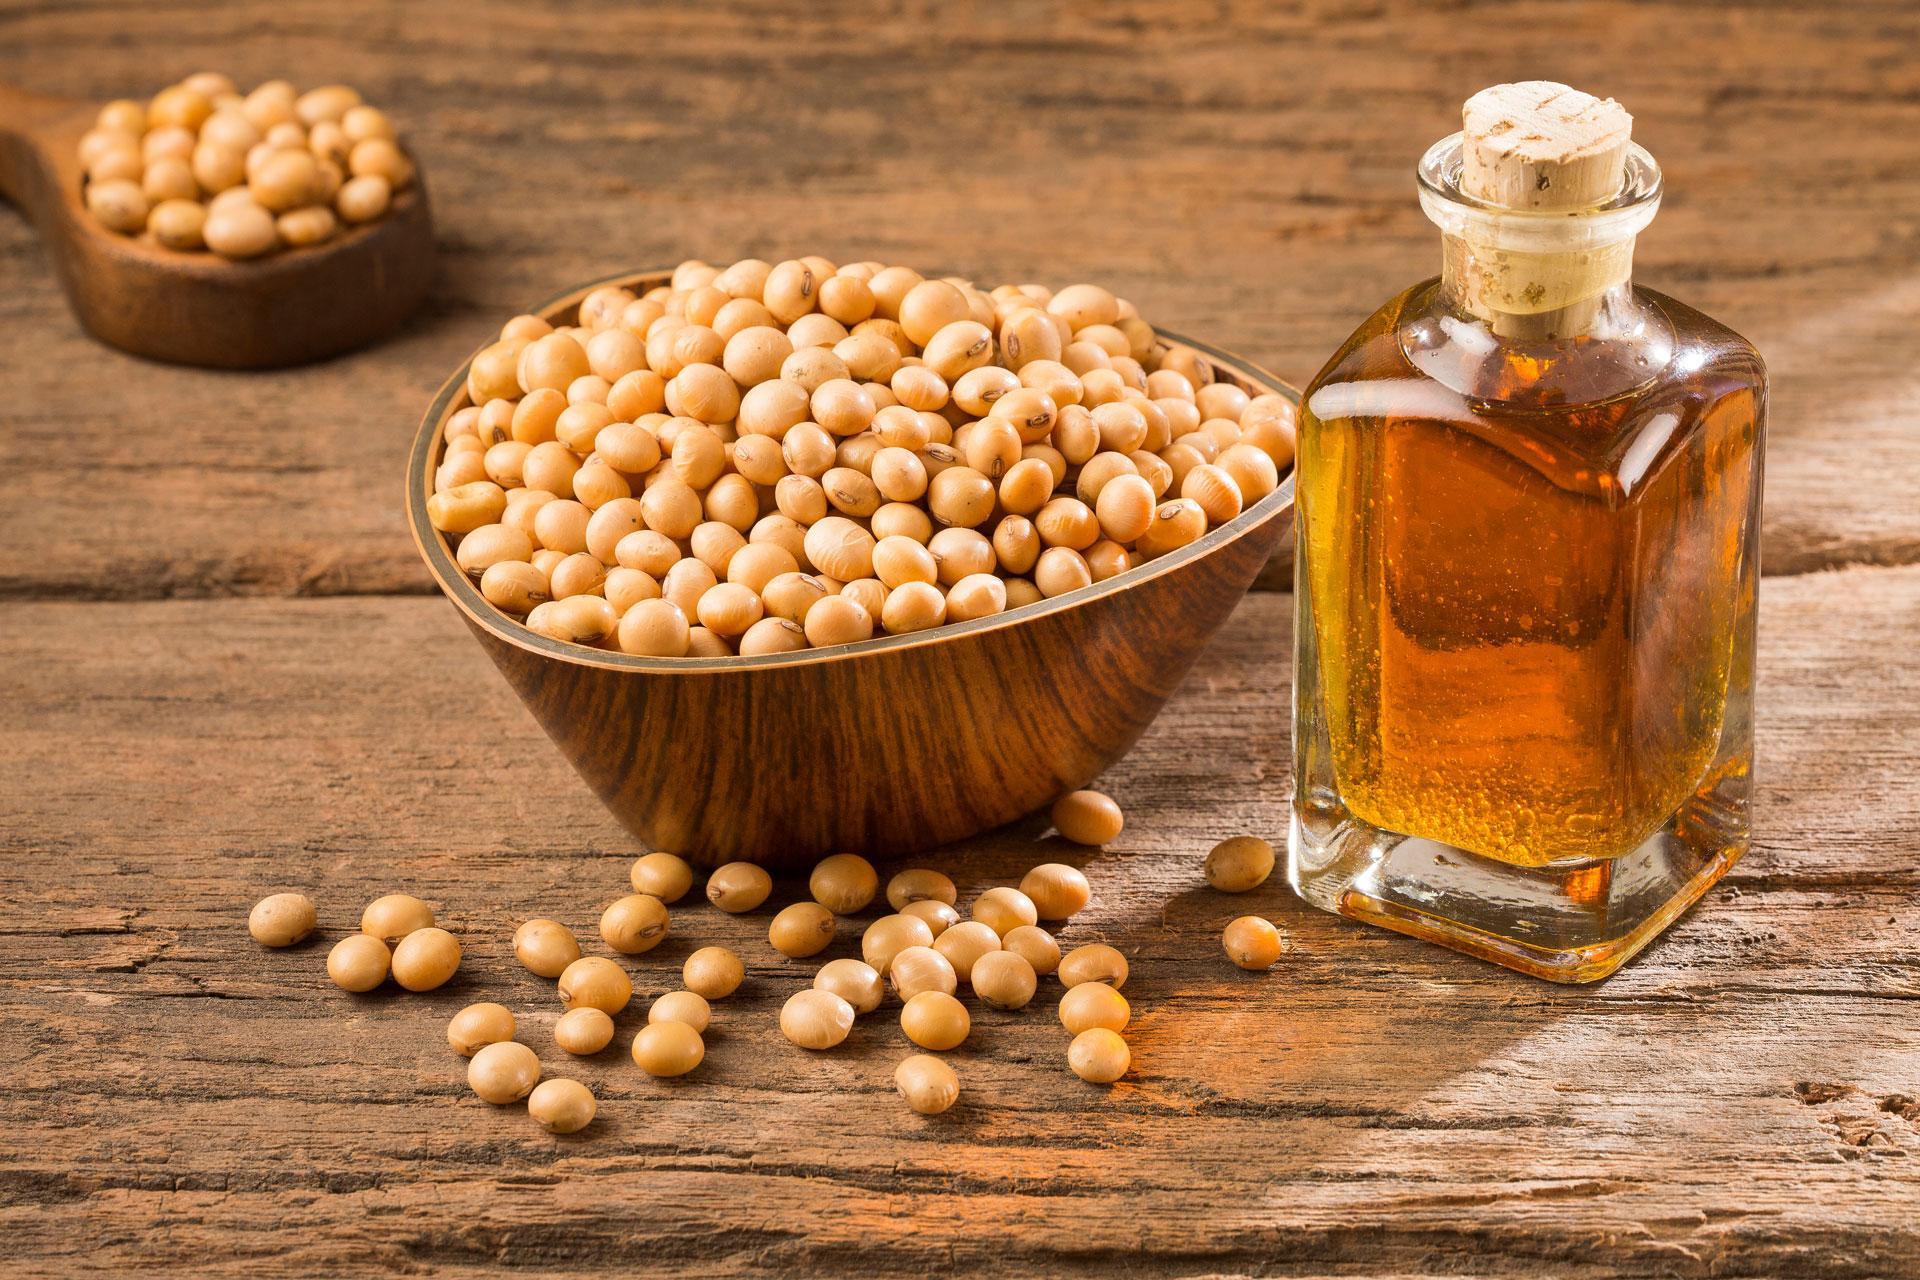 Sojabohnen und Sojaöl nebeneinander auf Holztisch